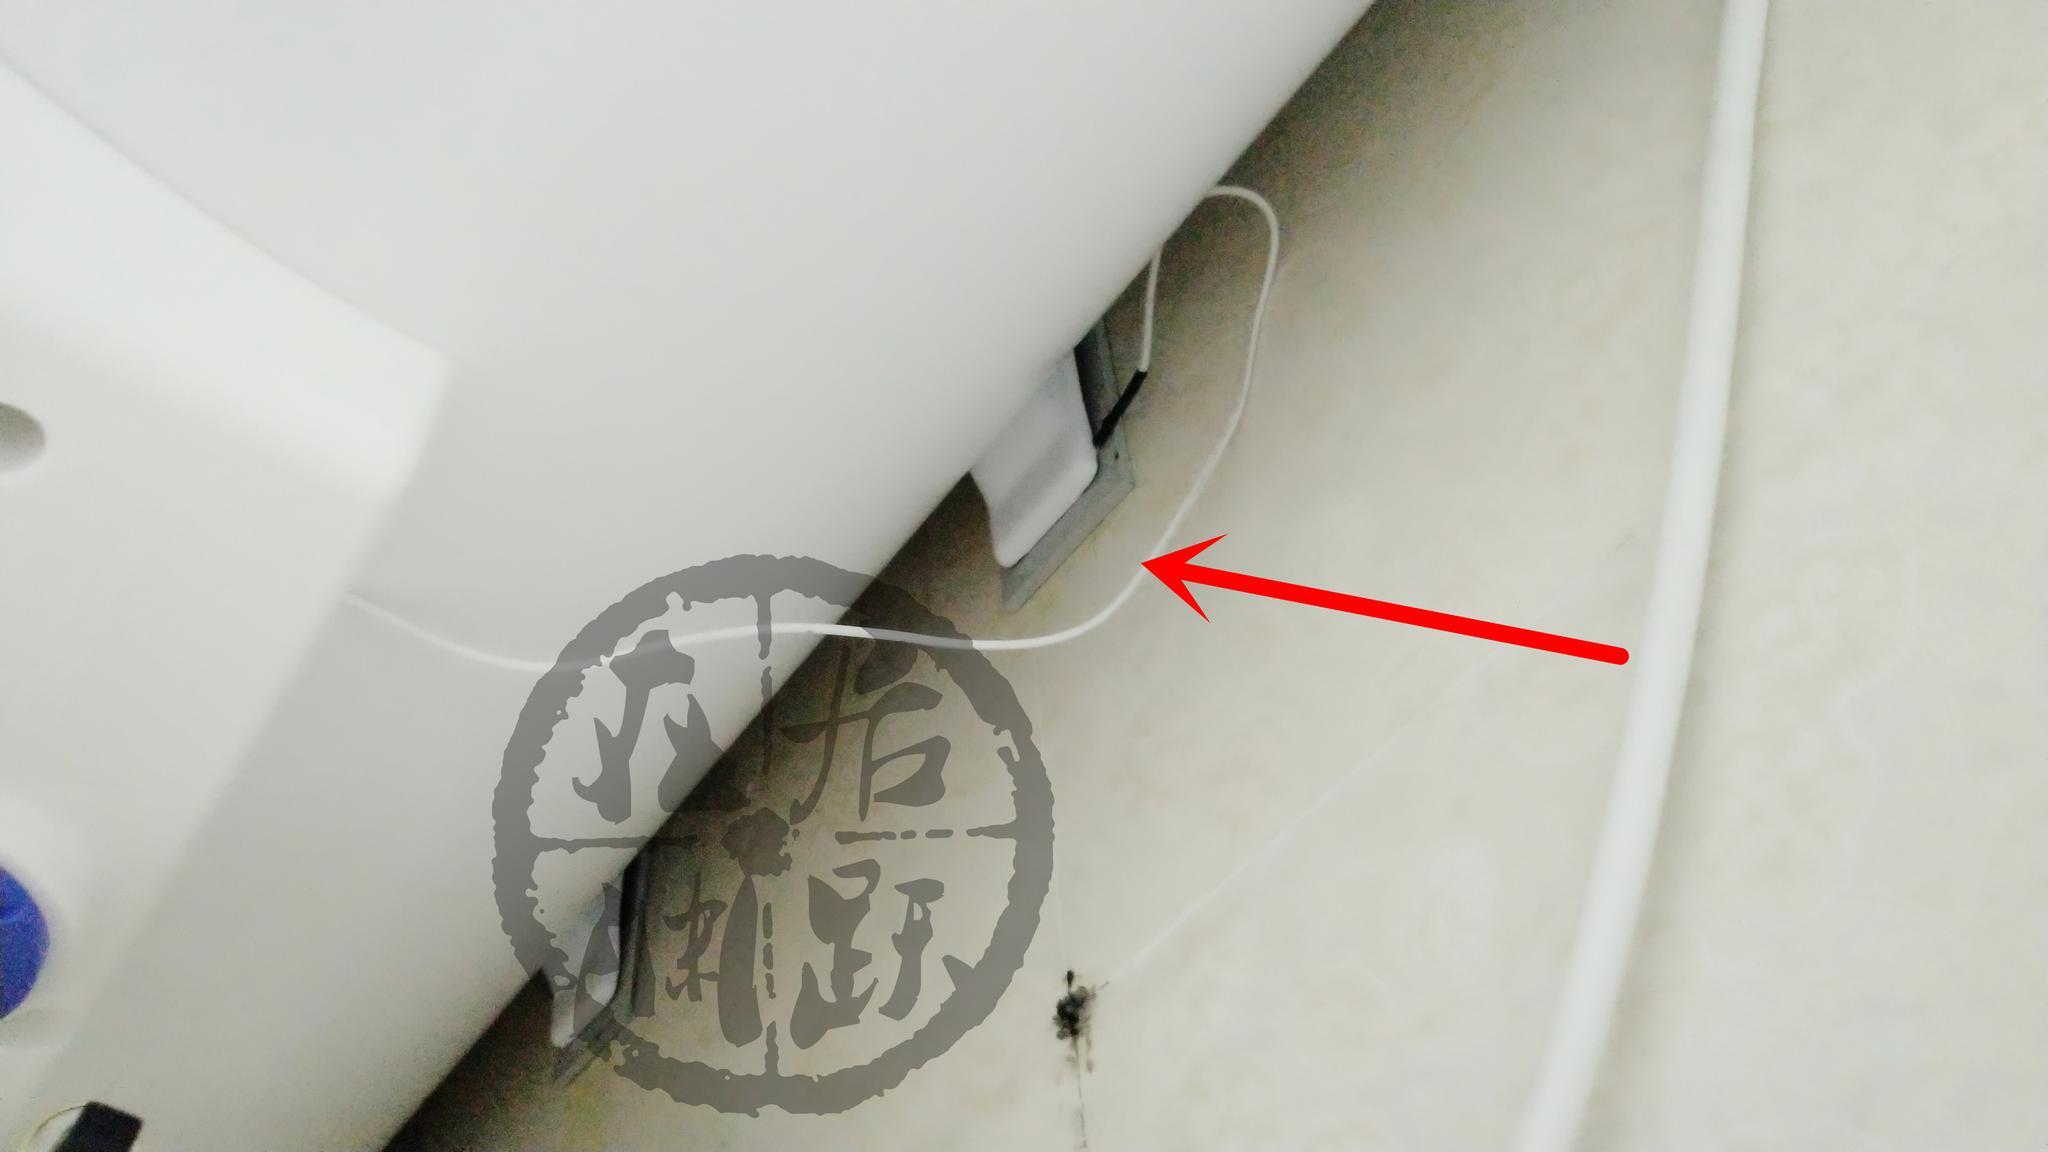 家里没有地线,电热水器的地线接入墙里可以吗?能用吗?